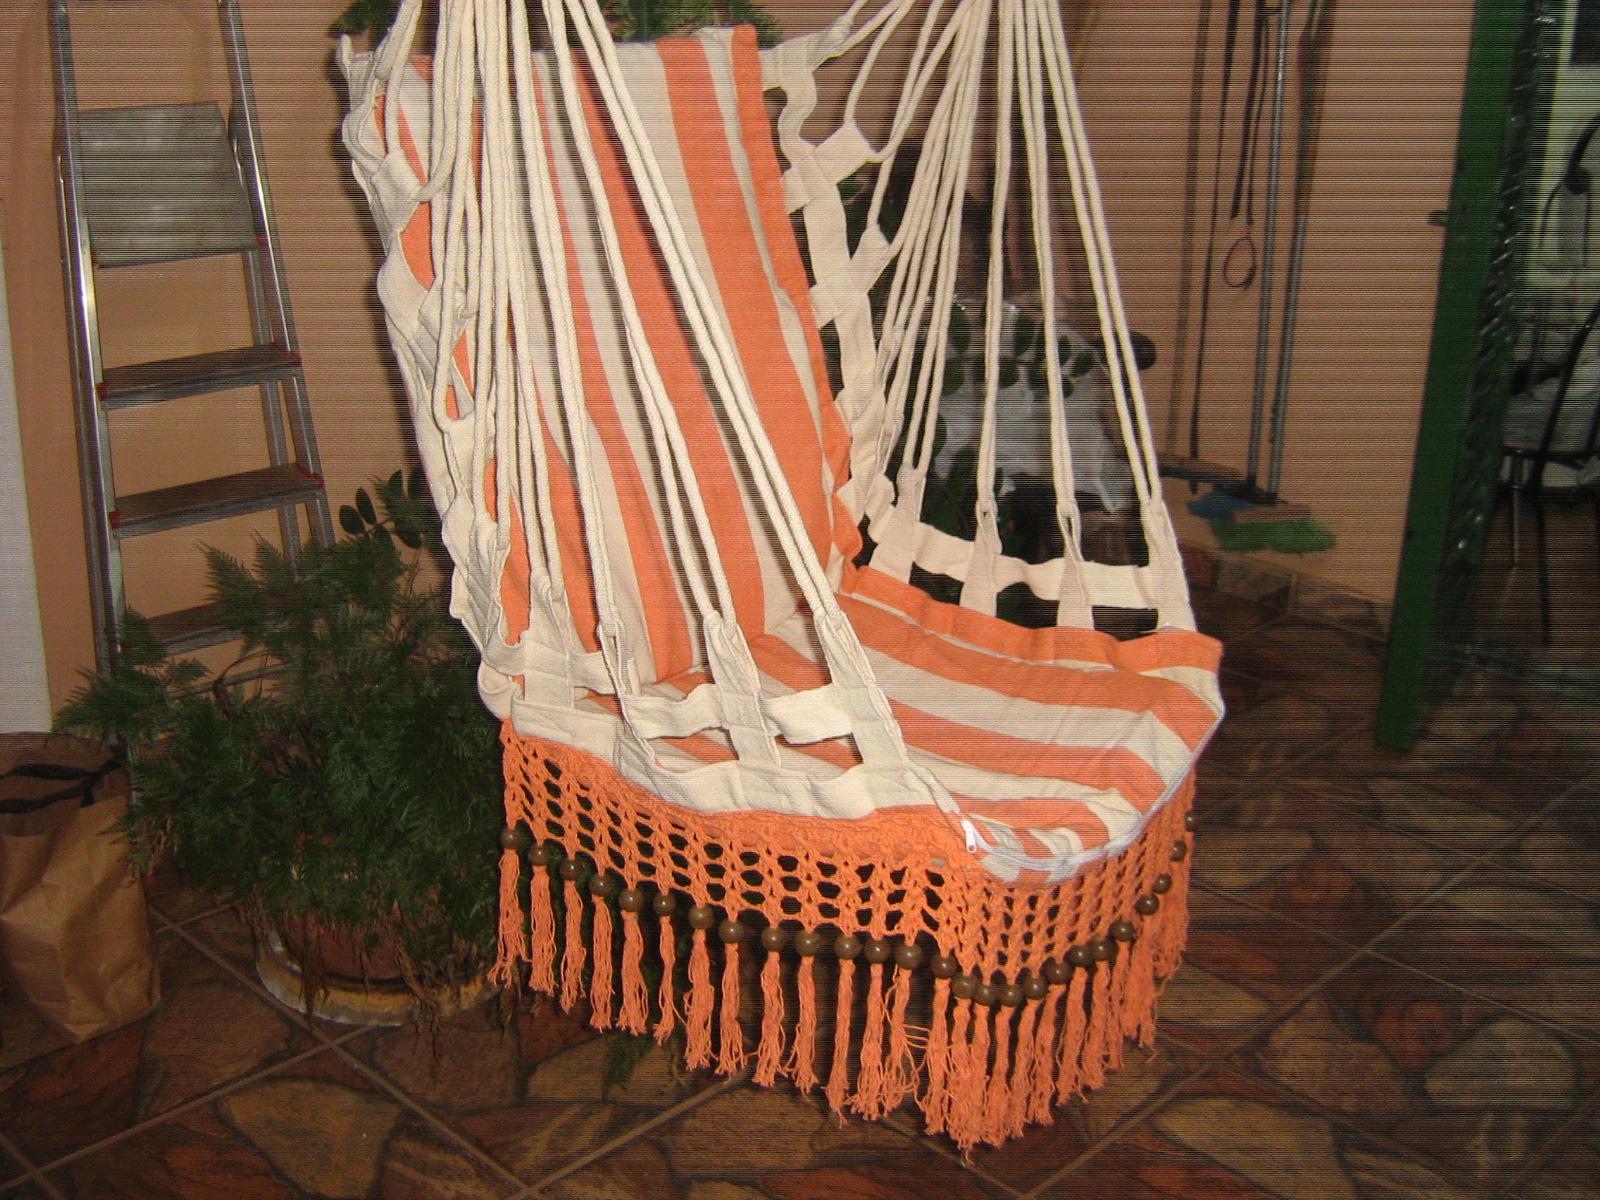 cadeira rede frete gratis cadeira de balanco #A34D28 1600x1200